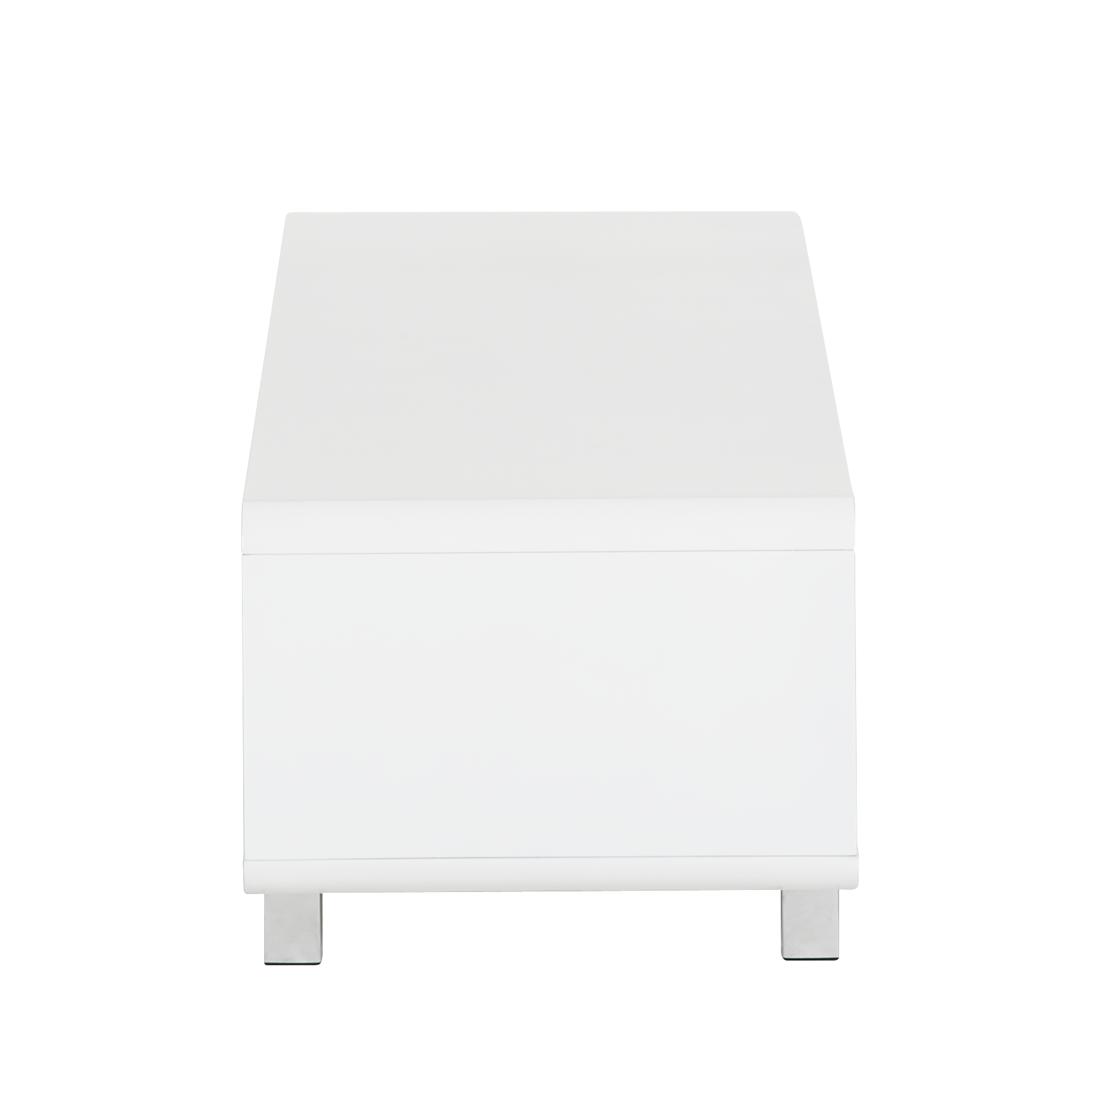 couchtisch wei hochglanz beistelltisch wohnzimmertisch retro tv tisch lowboard ebay. Black Bedroom Furniture Sets. Home Design Ideas